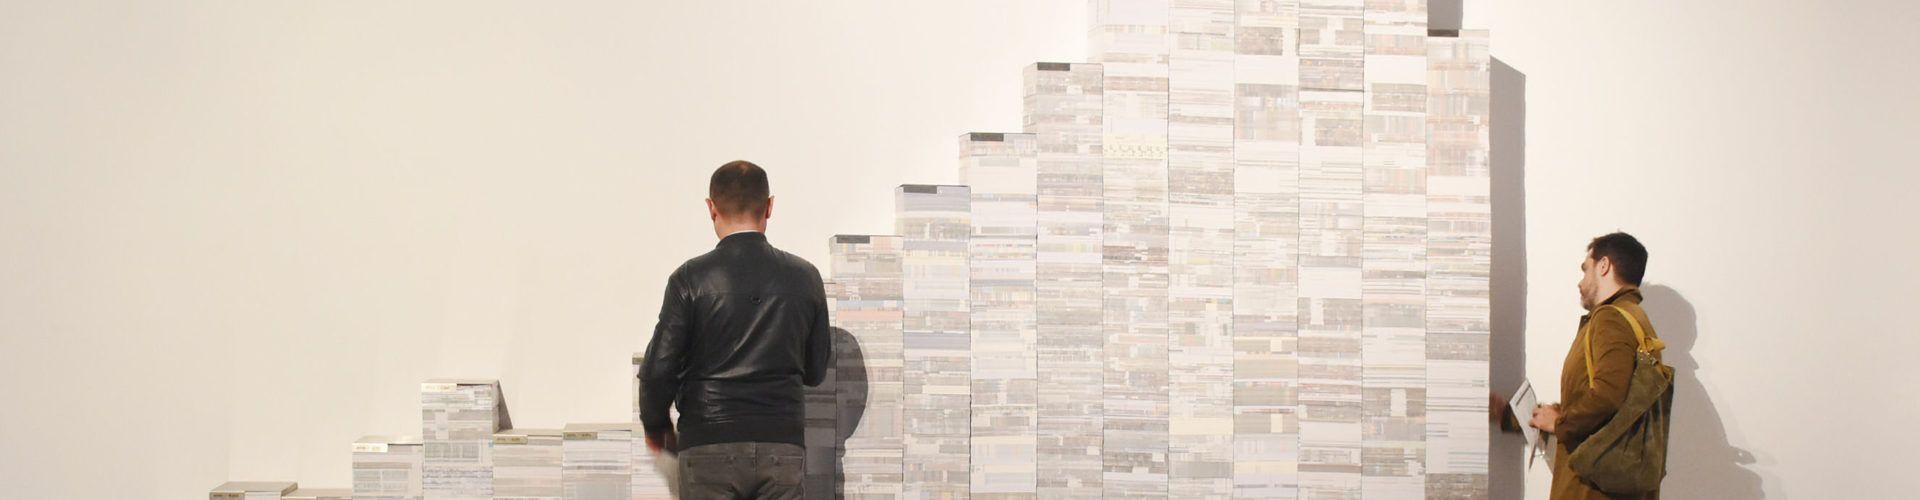 """L'exposició """"Camp de control"""" de Teresa Mulet a Lo Pati clourà aquest diumenge amb més d'un miler de visitants"""